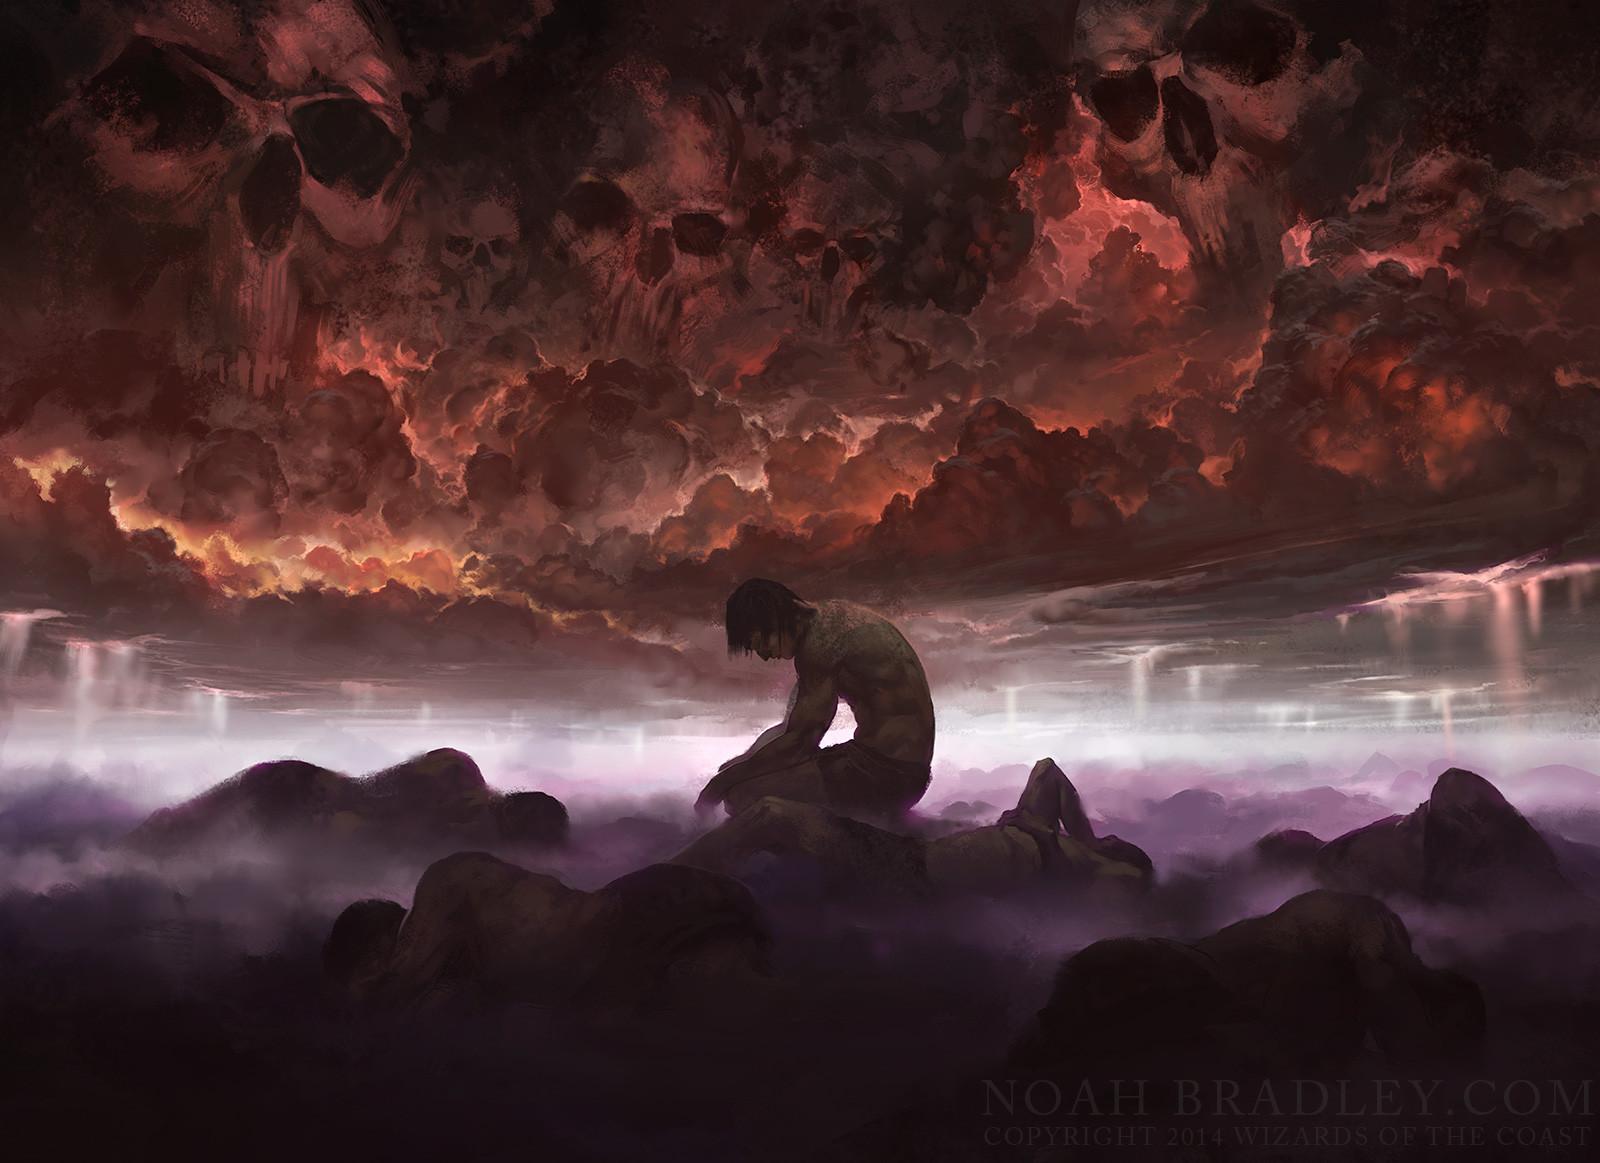 Drown in Sorrow | Illustration by Noah Bradley